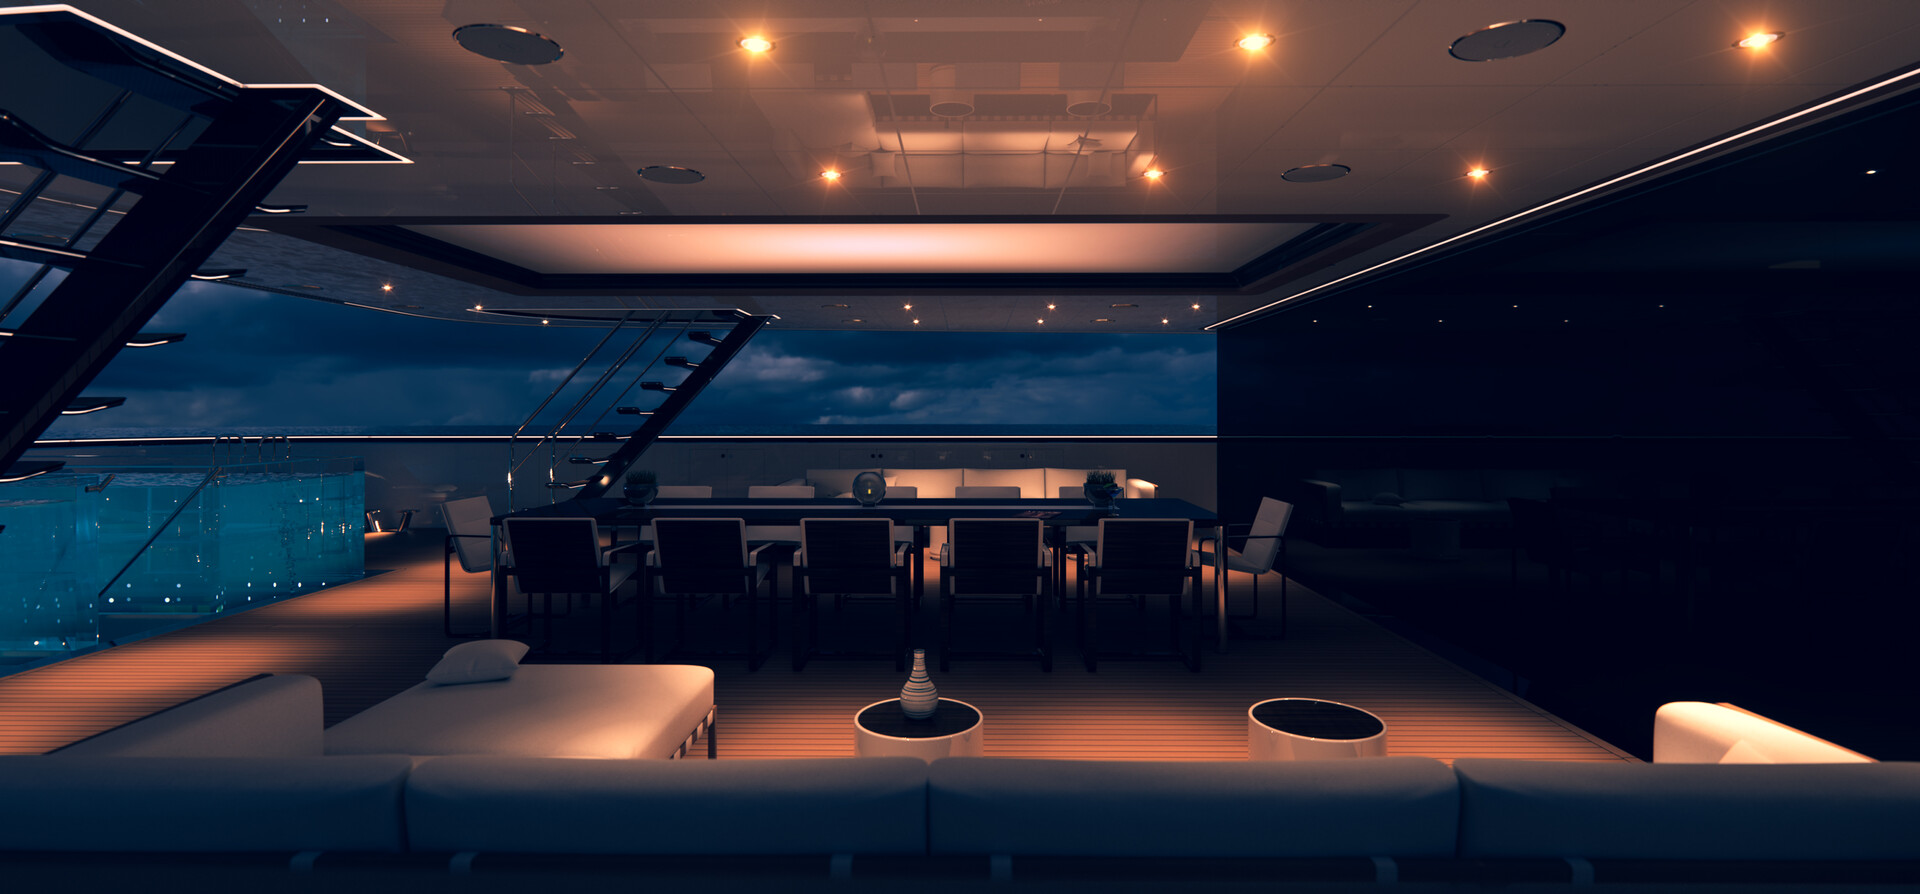 G250: Main deck, evening.